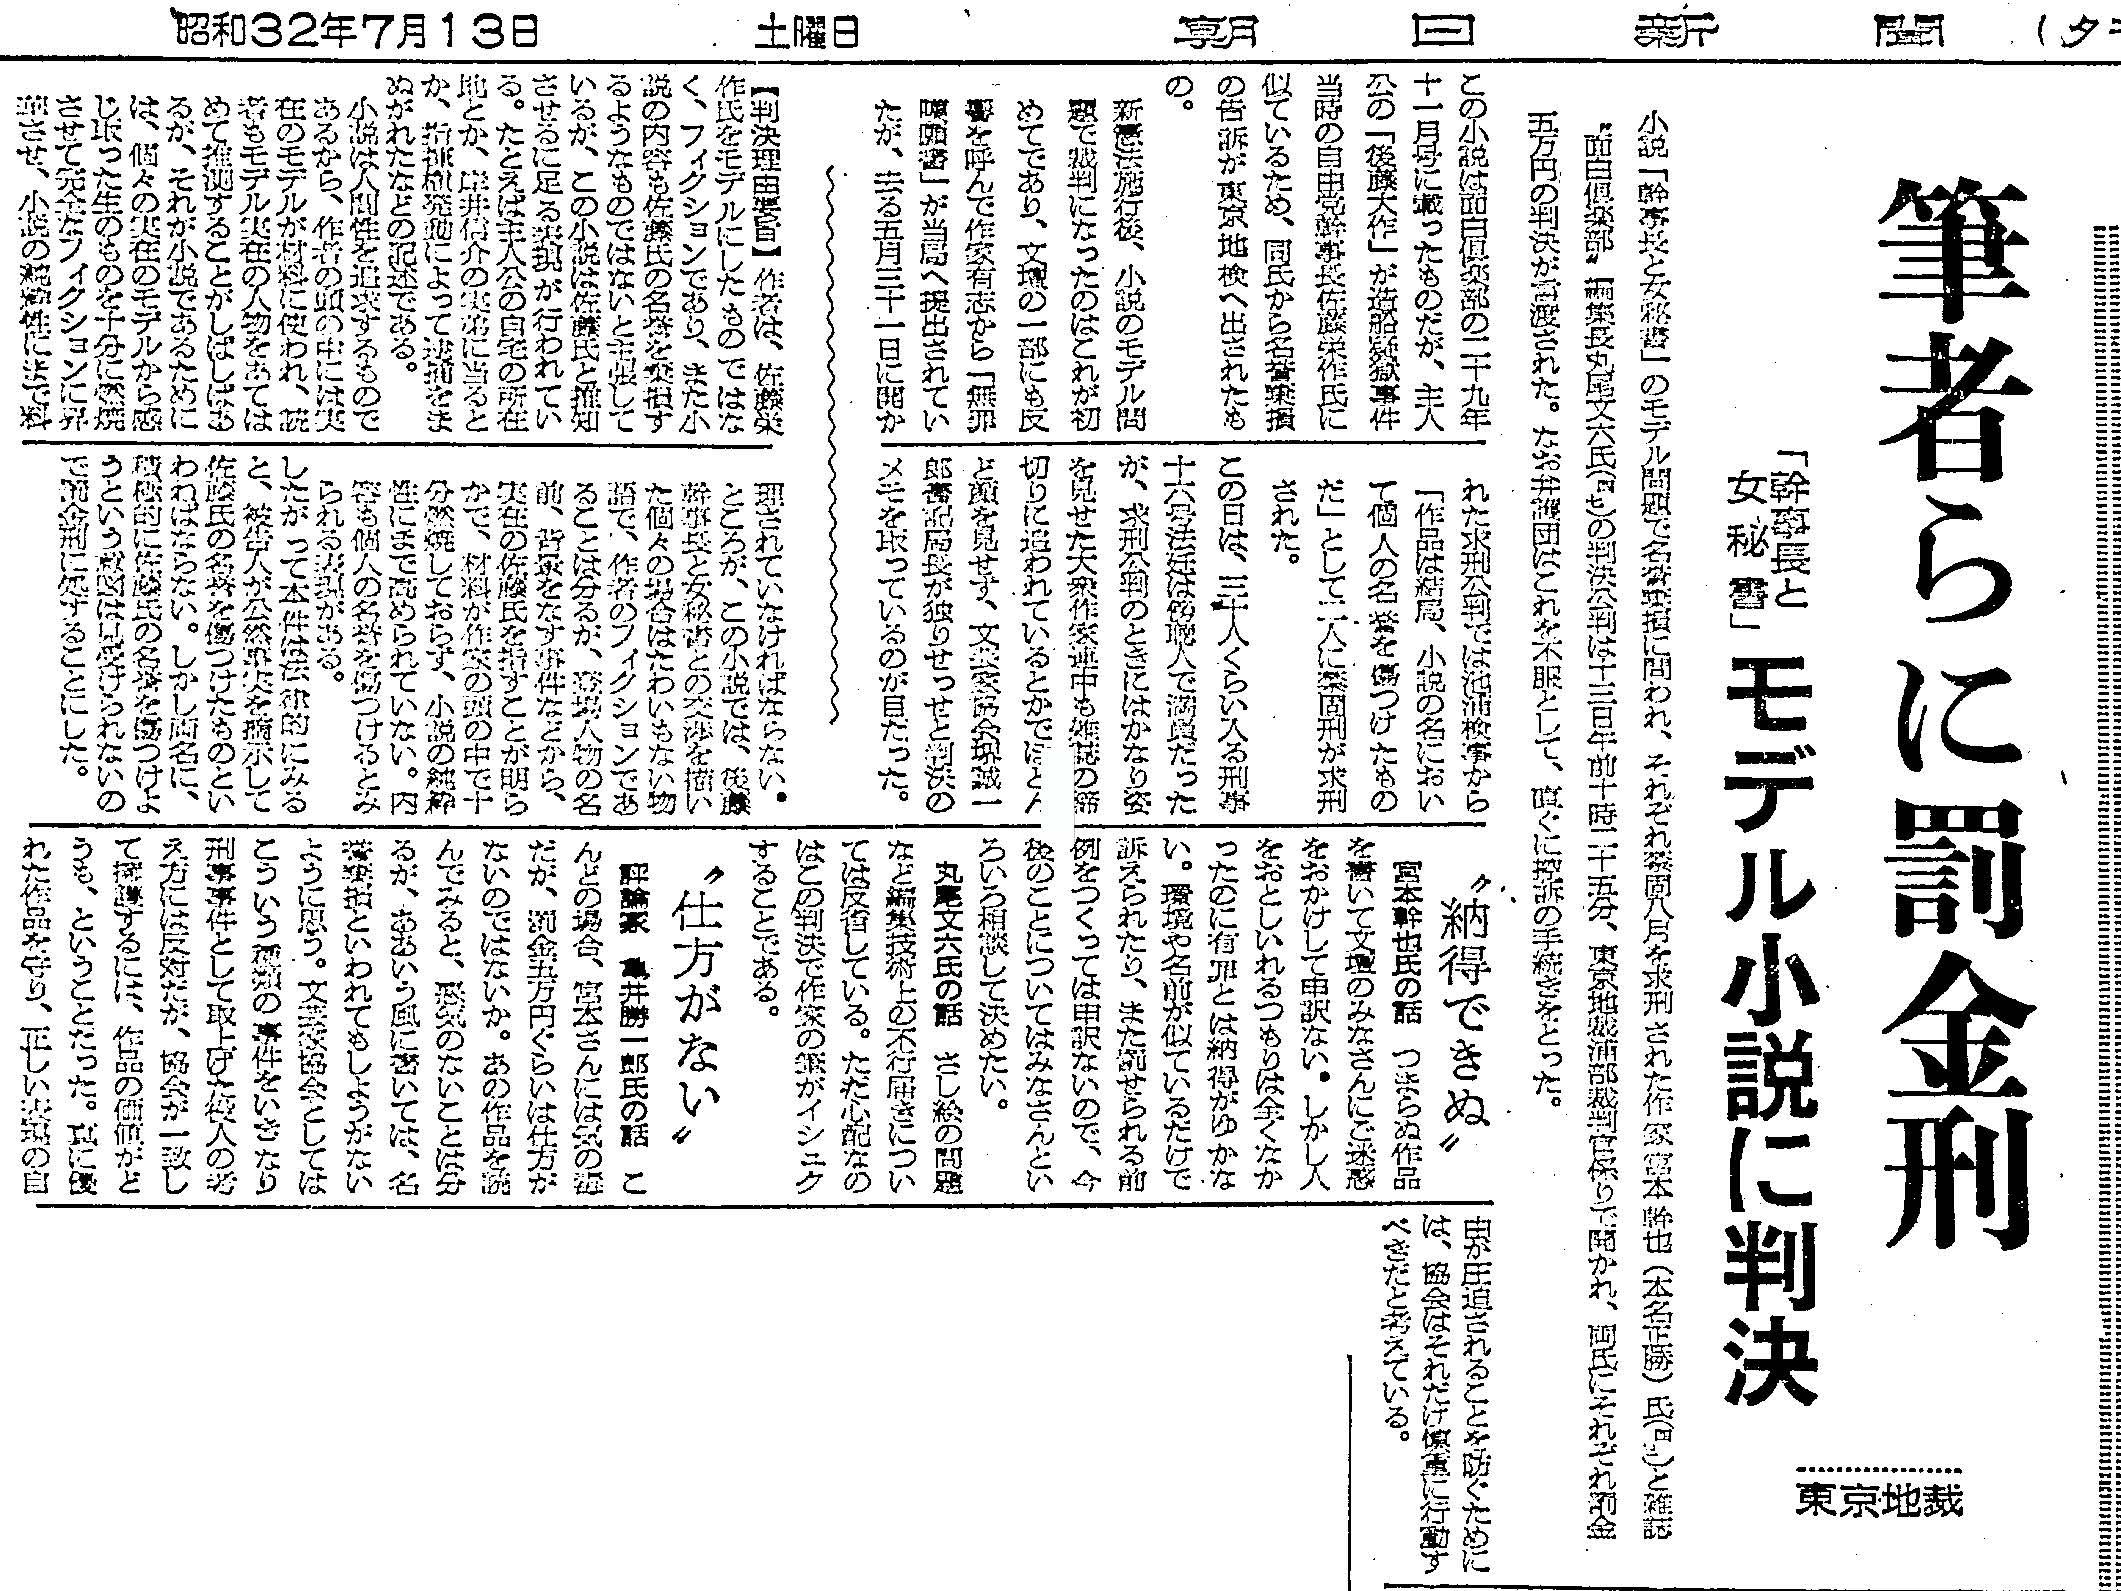 写真・図版 : 佐藤栄作・自由党幹事長をモデルにしたとされる小説をめぐる刑事裁判を伝える朝日新聞記事